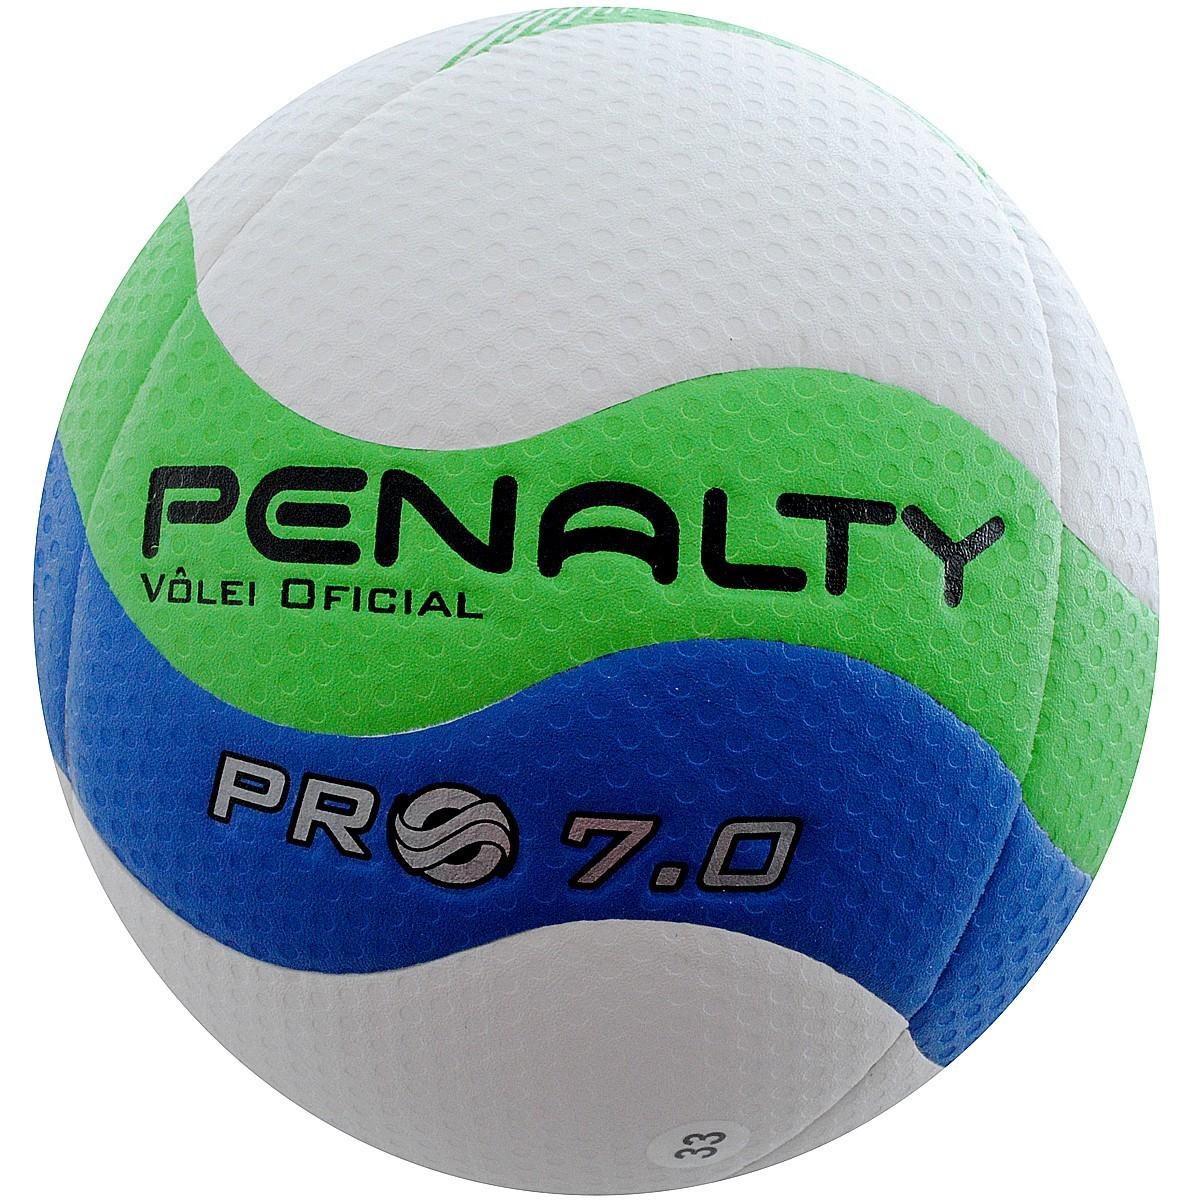 97735a49d4 Bola Penalty de Vôlei 7.0